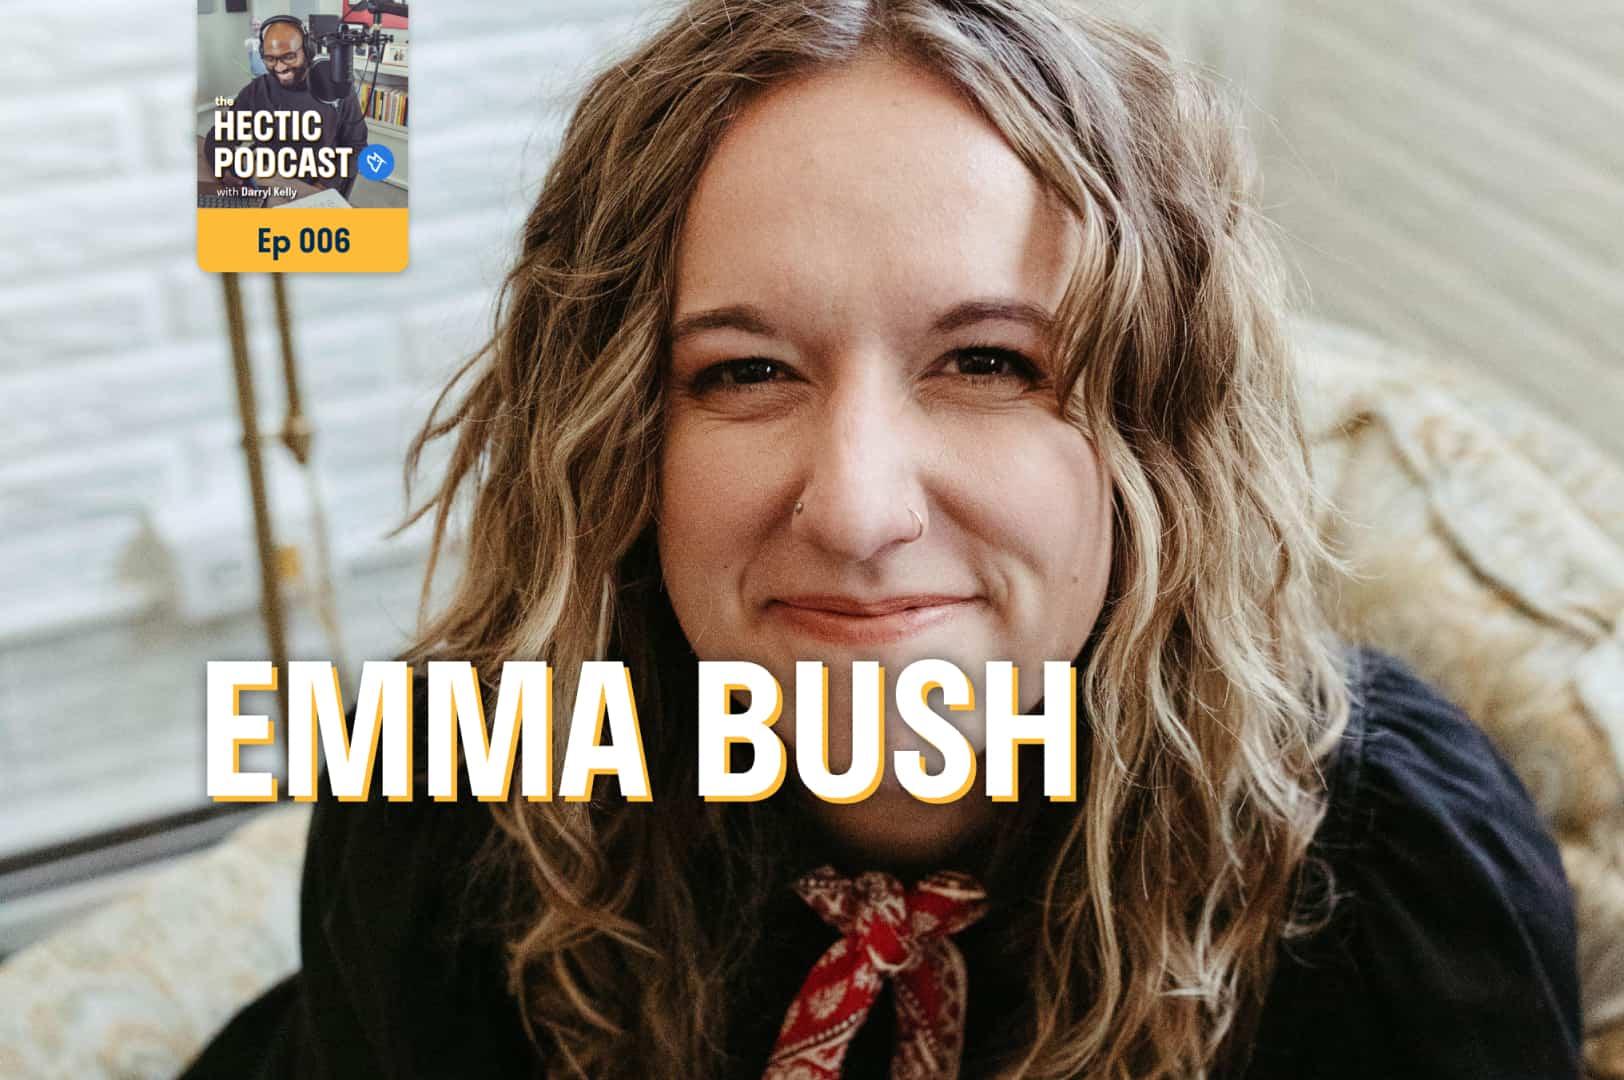 Emma Bush